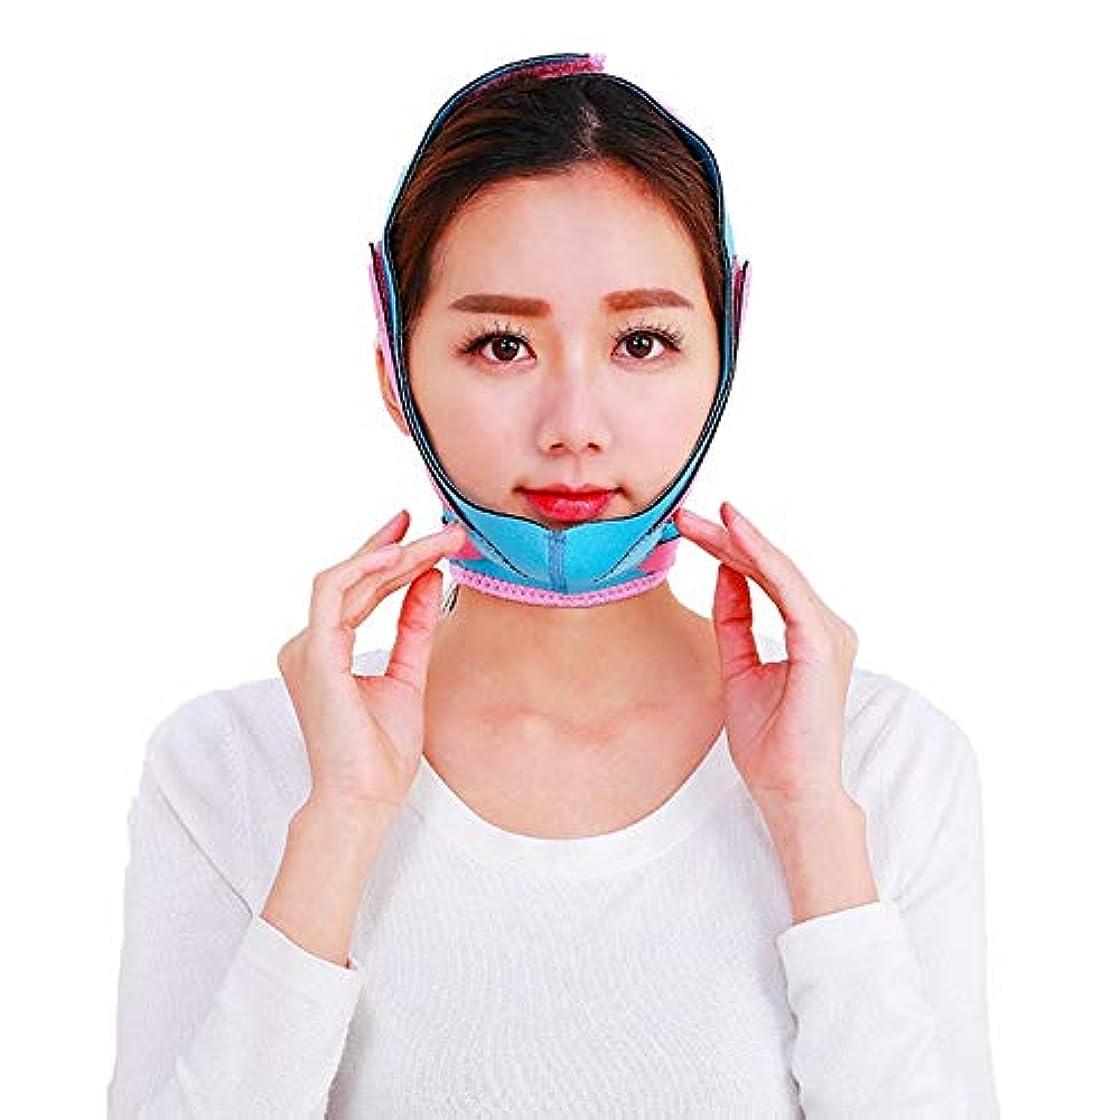 残酷な到着する感性Jia Jia- フェイシャルリフティング痩身ベルトシンフェイス包帯アンチエイジングシワフリーフェイシャルマッサージ整形マスクダブルチンワークアウト 顔面包帯